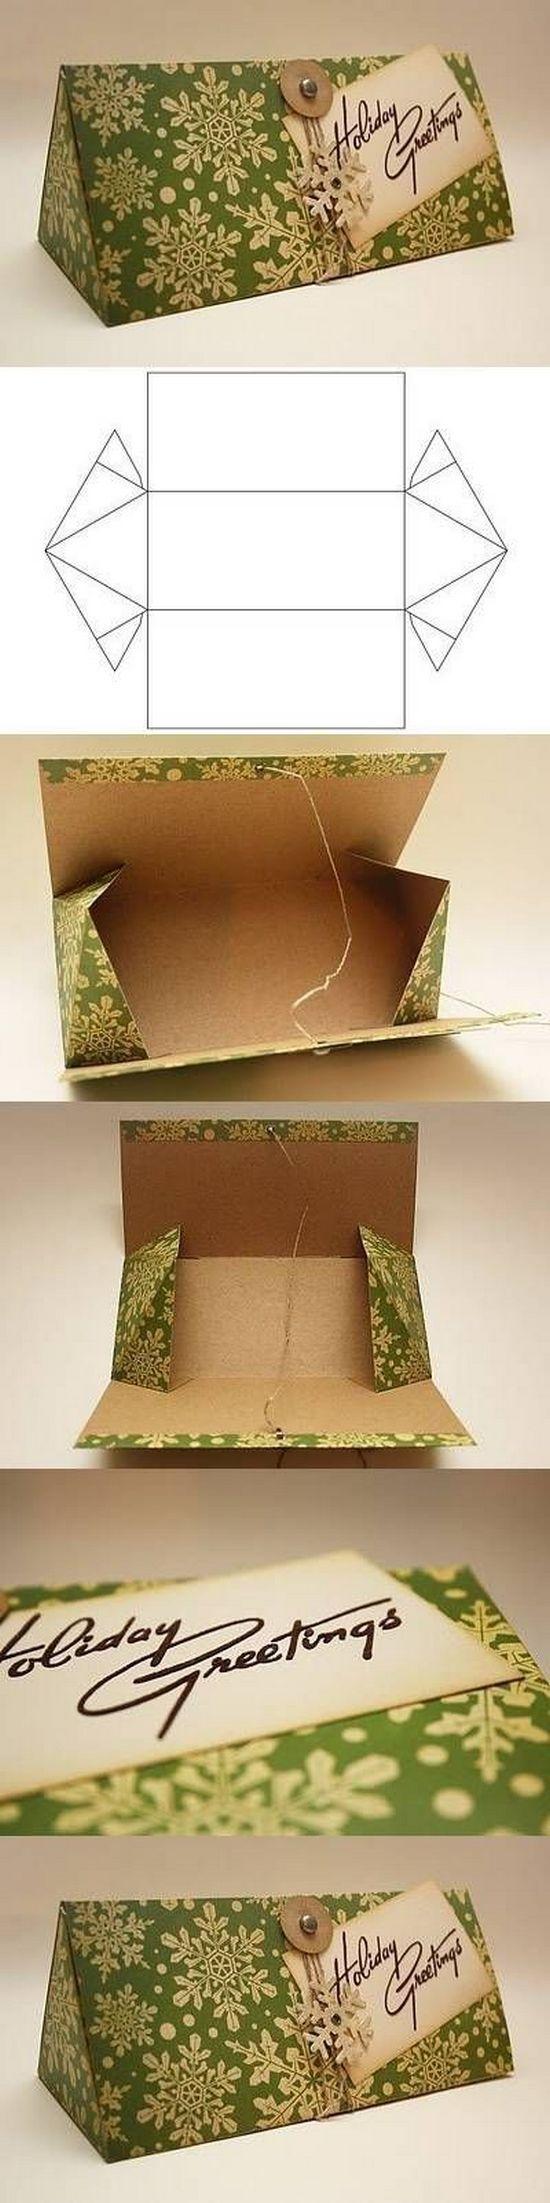 Коробочки для подарков своими руками DIY и мастер-классы 51